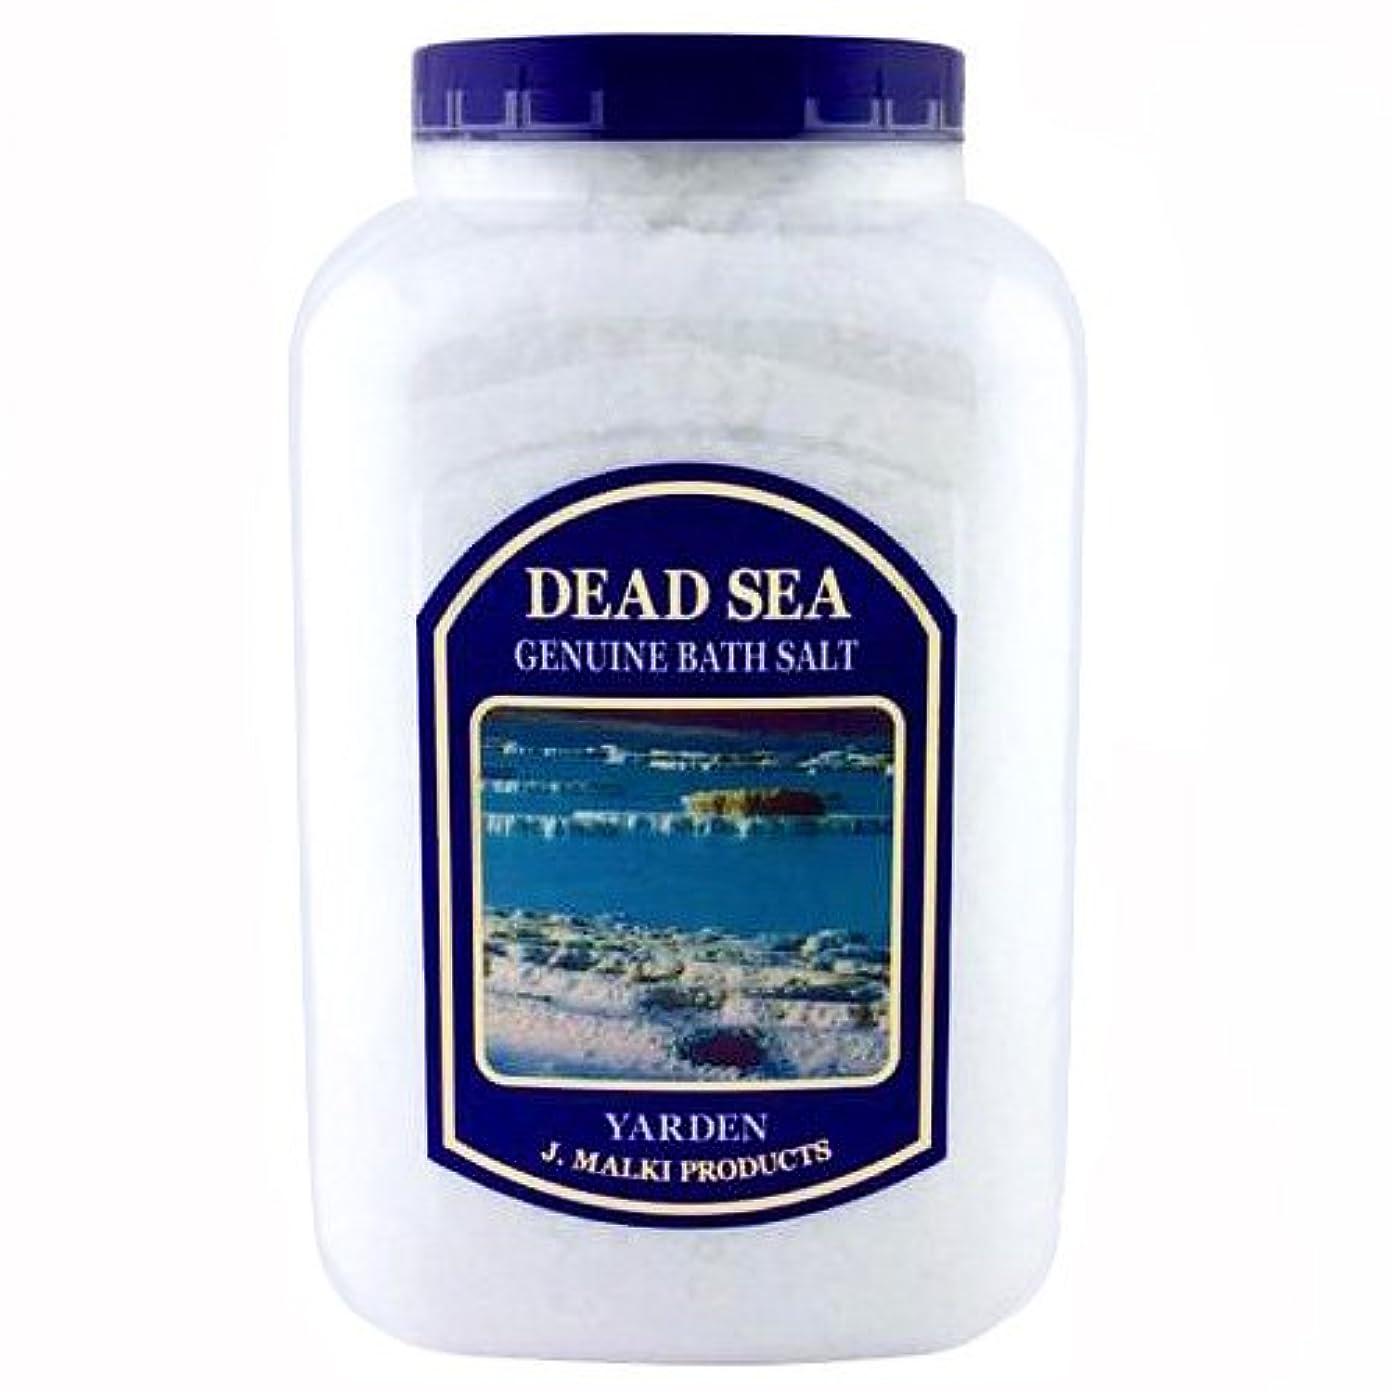 入場料ブッシュシュガーデッドシー?バスソルト 4.5kg(約45回分)【DEAD SEA BATH SALT】死海の塩/入浴剤(入浴用化粧品)【正規販売店】